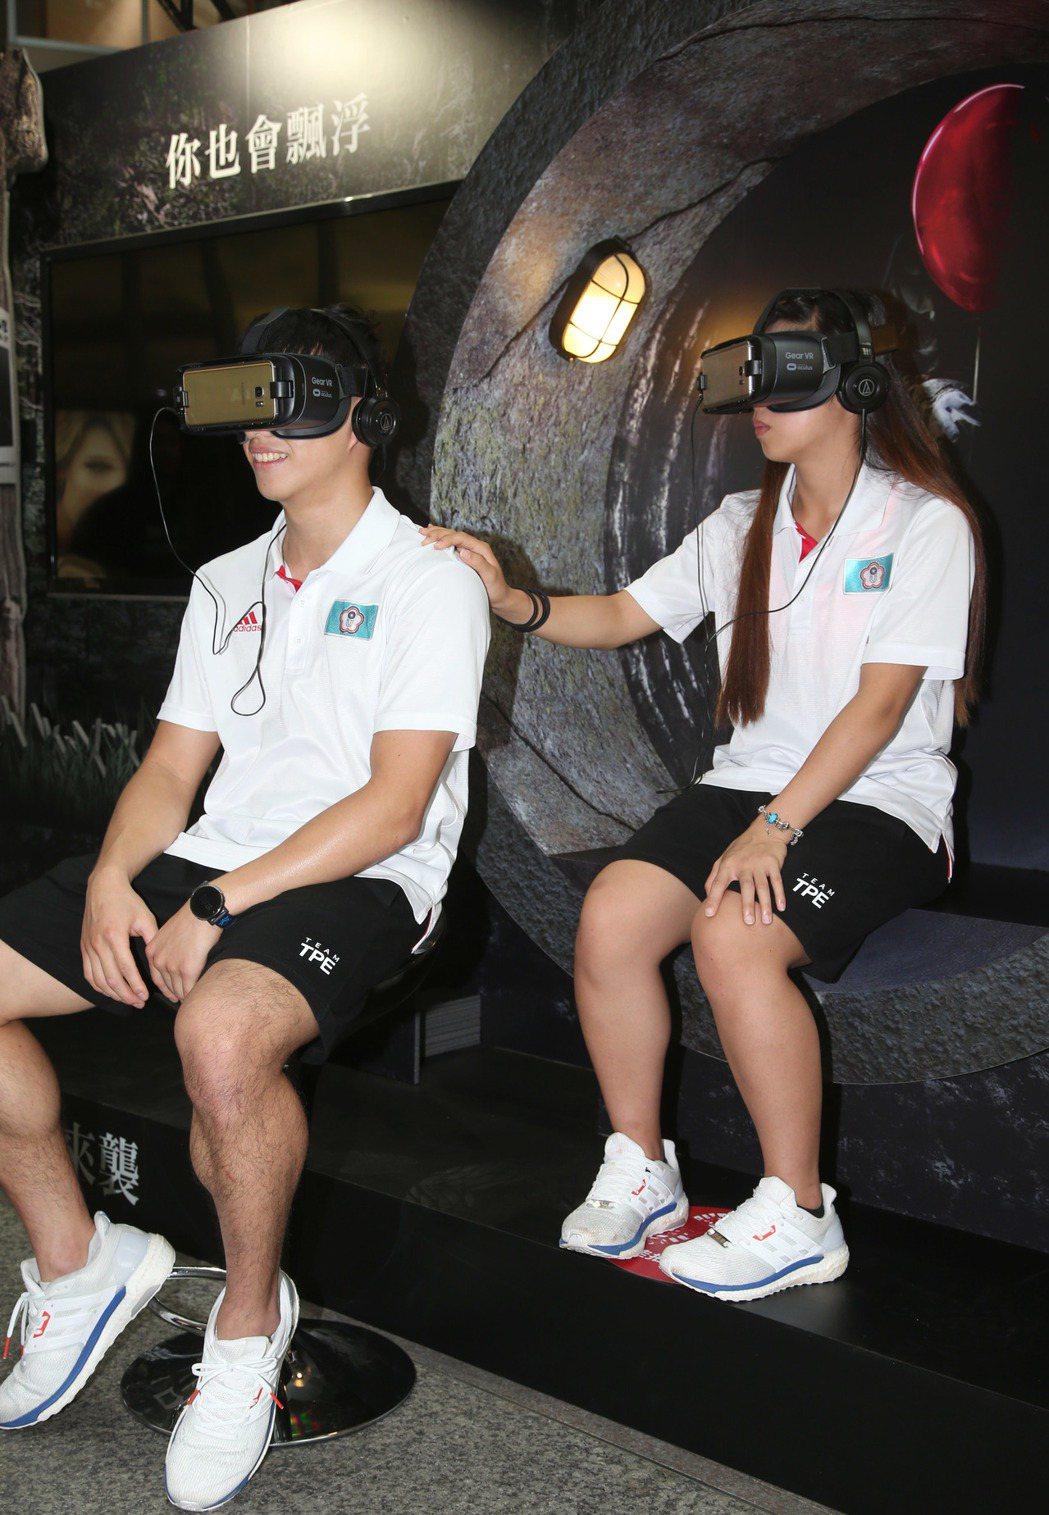 恐怖電影「牠」宣傳,邀請世大運奪牌國手觀賞 VR影片。記者陳瑞源/攝影